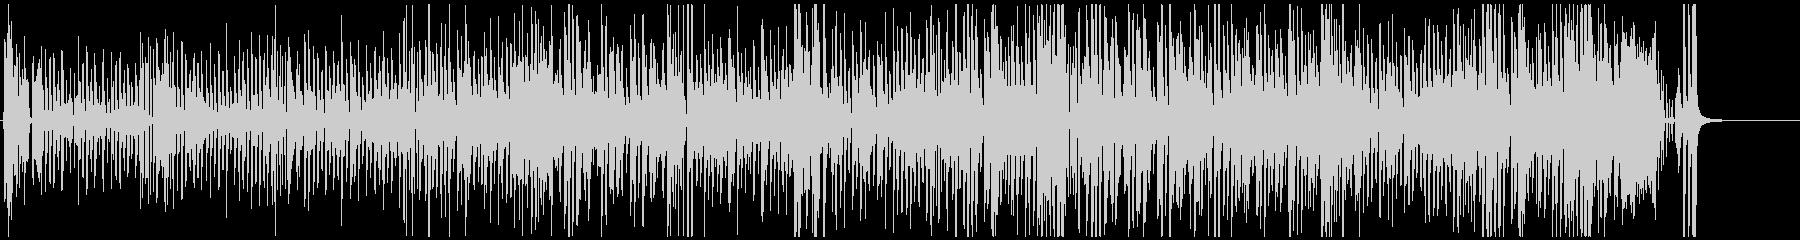 壊れたピアノ&ベースのジャズ系ハロウィンの未再生の波形